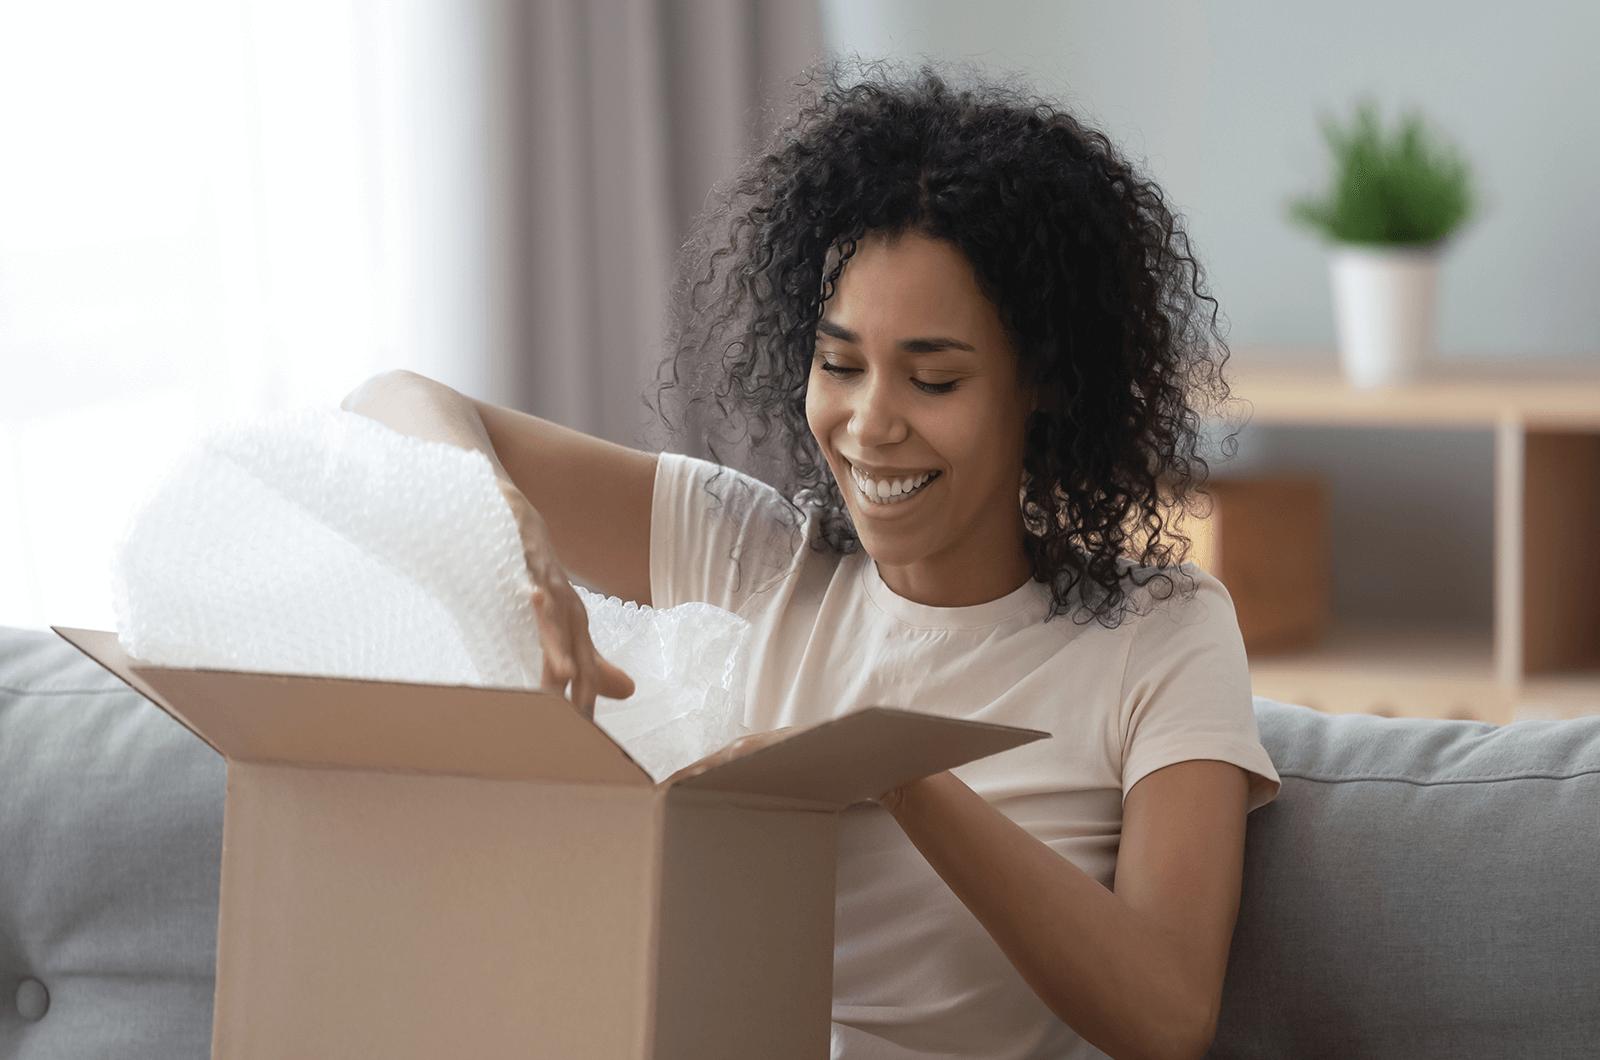 Woman opening box